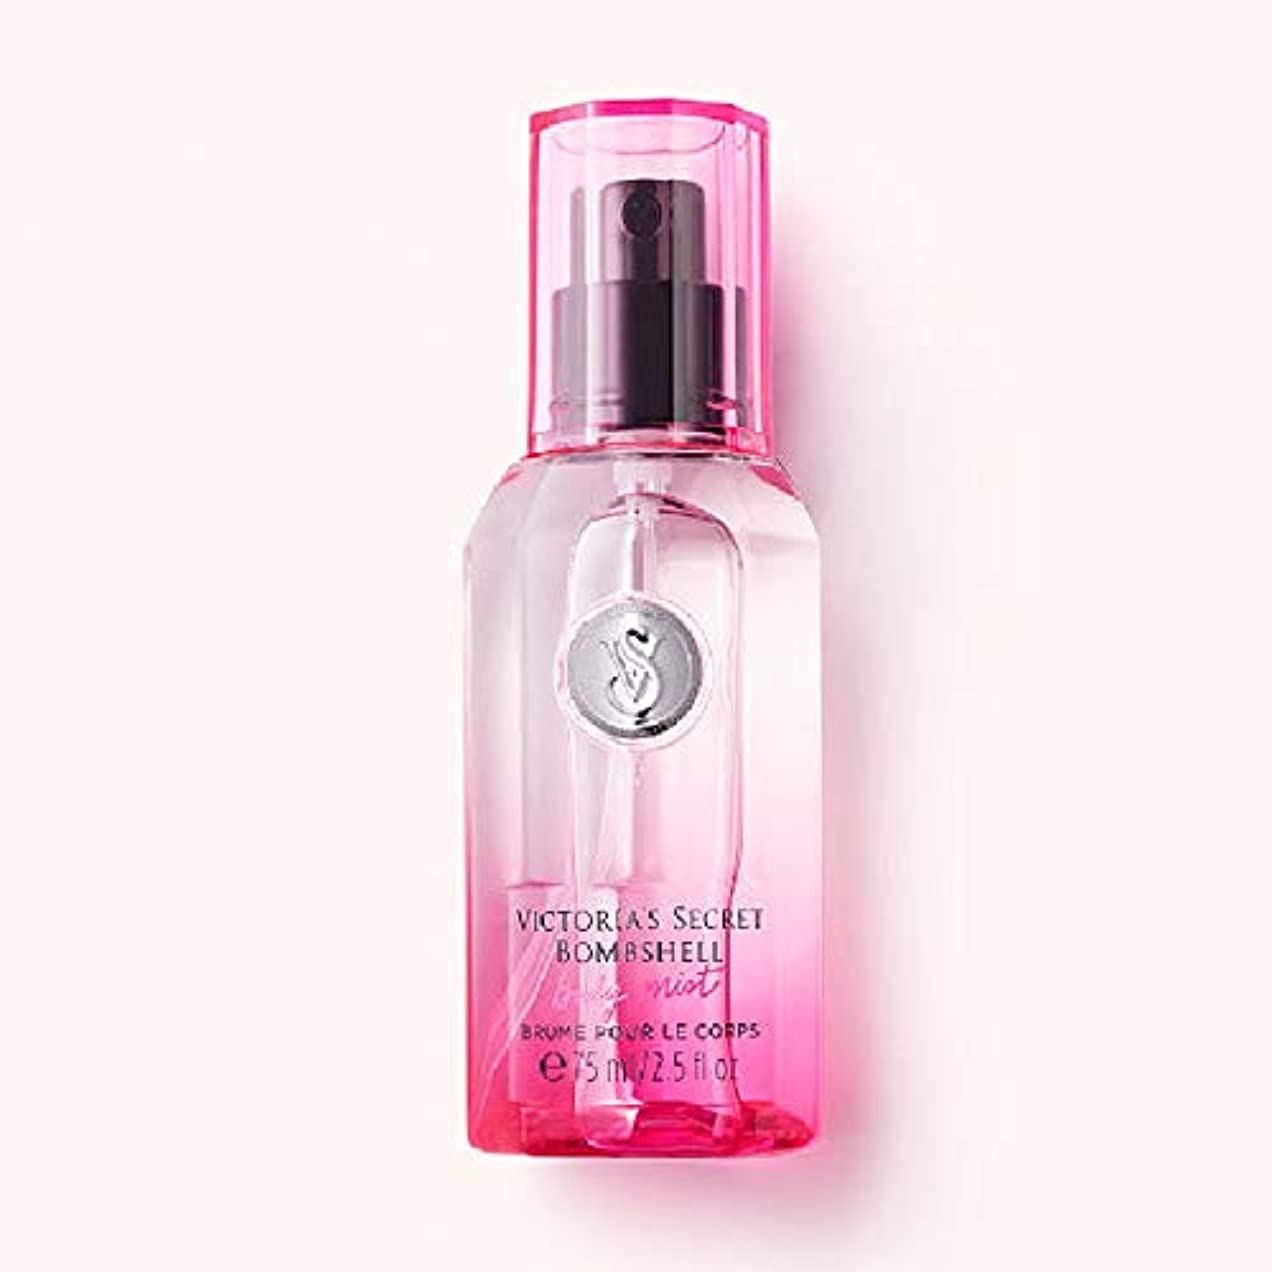 ボートブラストボアトラベルサイズフレグランスミスト TravelSize FragranceMist ヴィクトリアズシークレット Victoria'sSecret (3.ボムシェル/Bombshell) [並行輸入品]